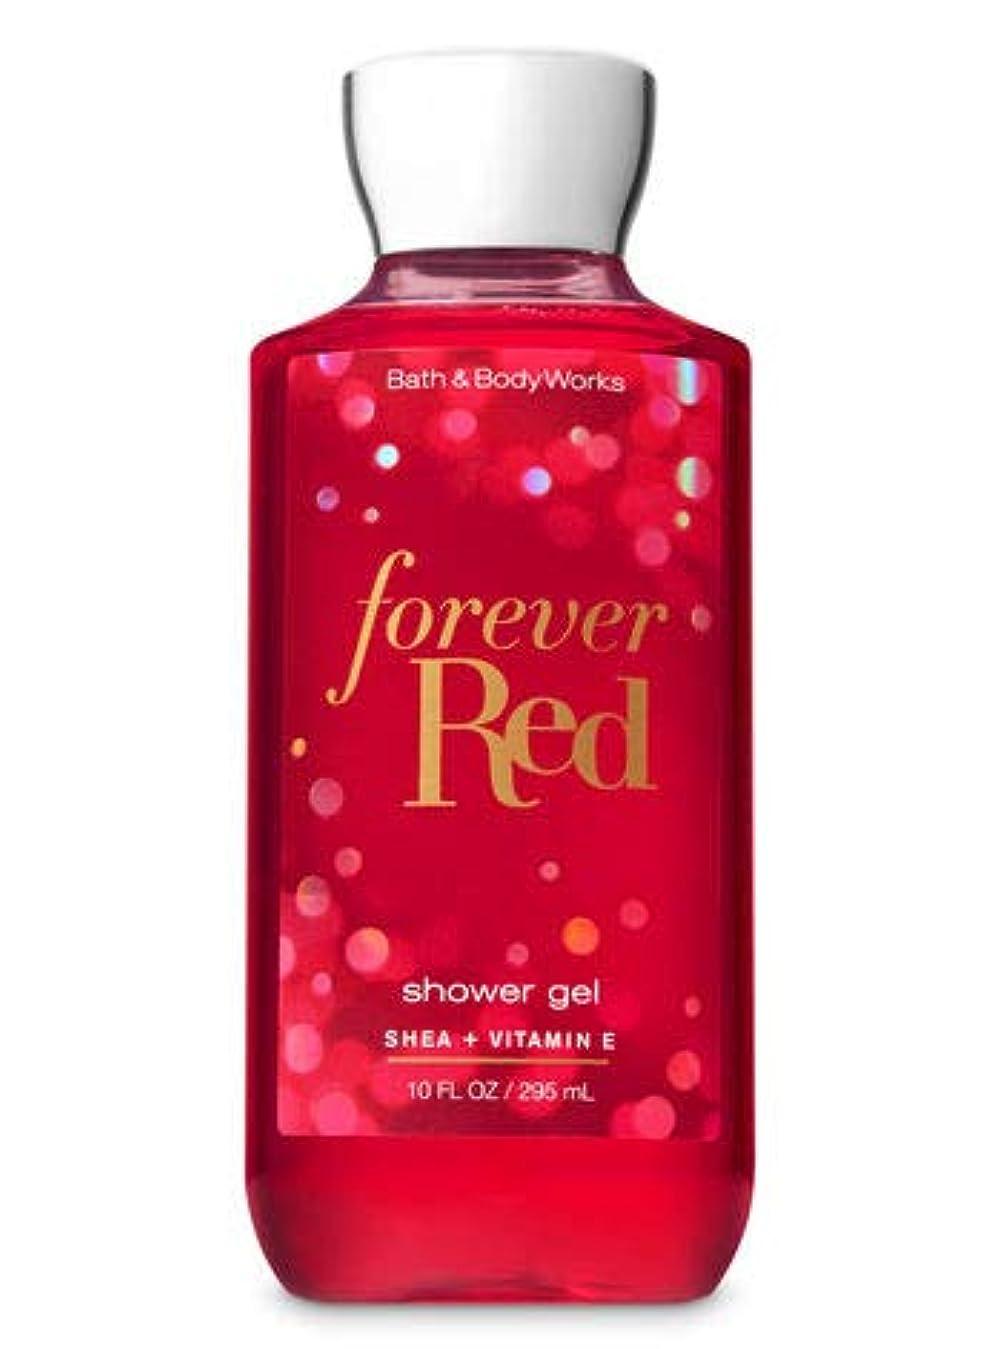 アスペクト熟達した機転【Bath&Body Works/バス&ボディワークス】 シャワージェル フォーエバーレッド Shower Gel Forever Red 10 fl oz / 295 mL [並行輸入品]